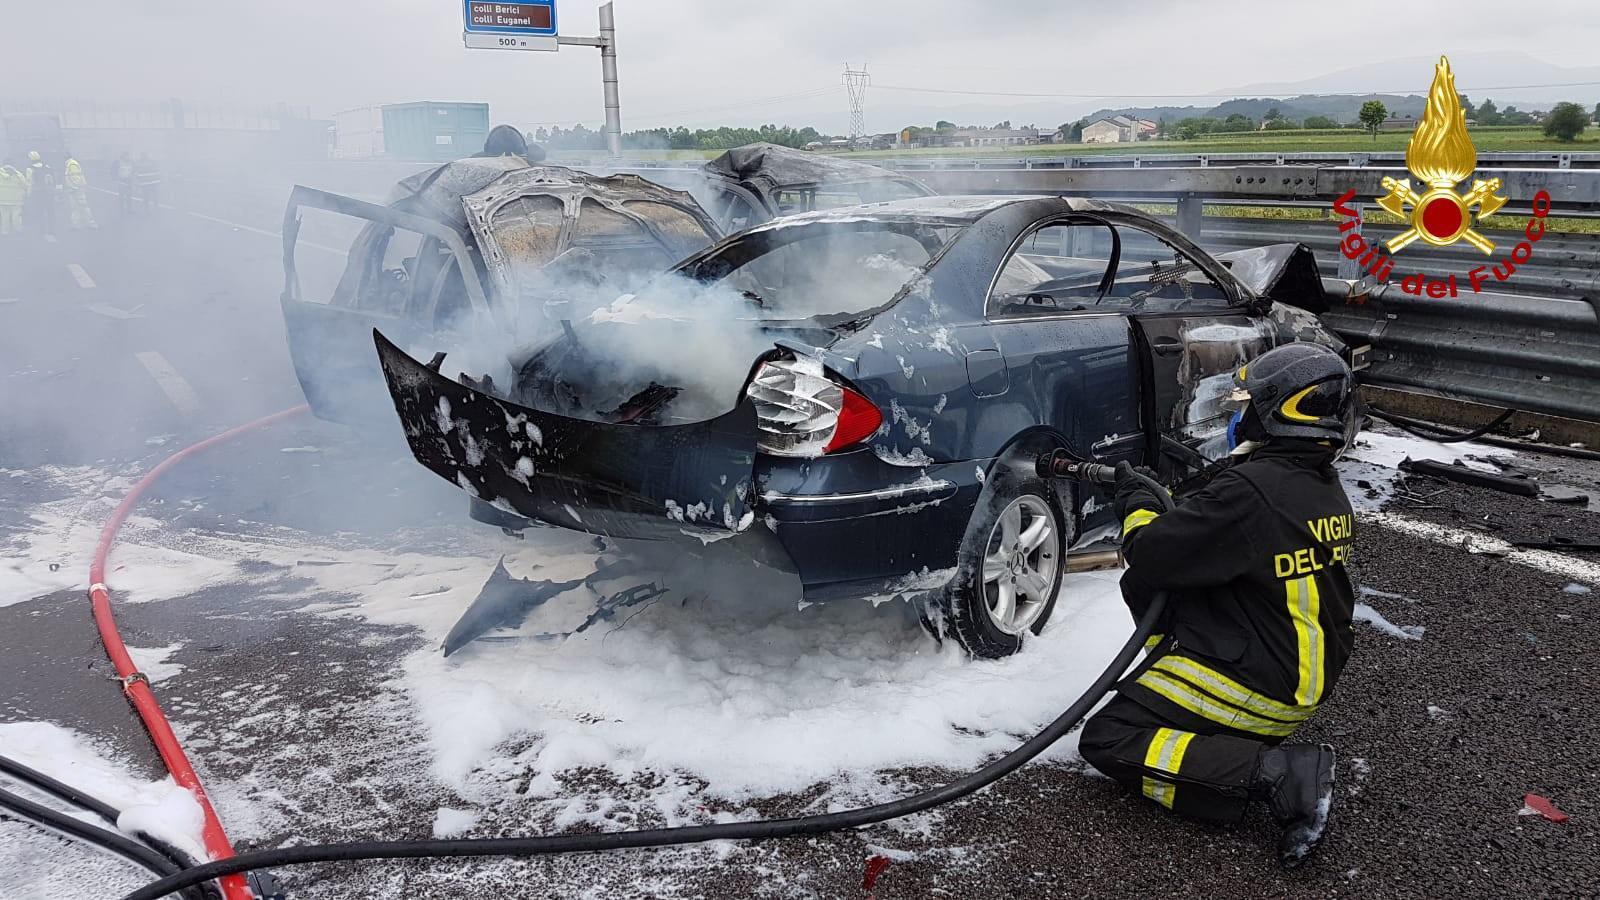 Incidente stradale sulla A31: padre e figlia morti carbonizzati nell'auto